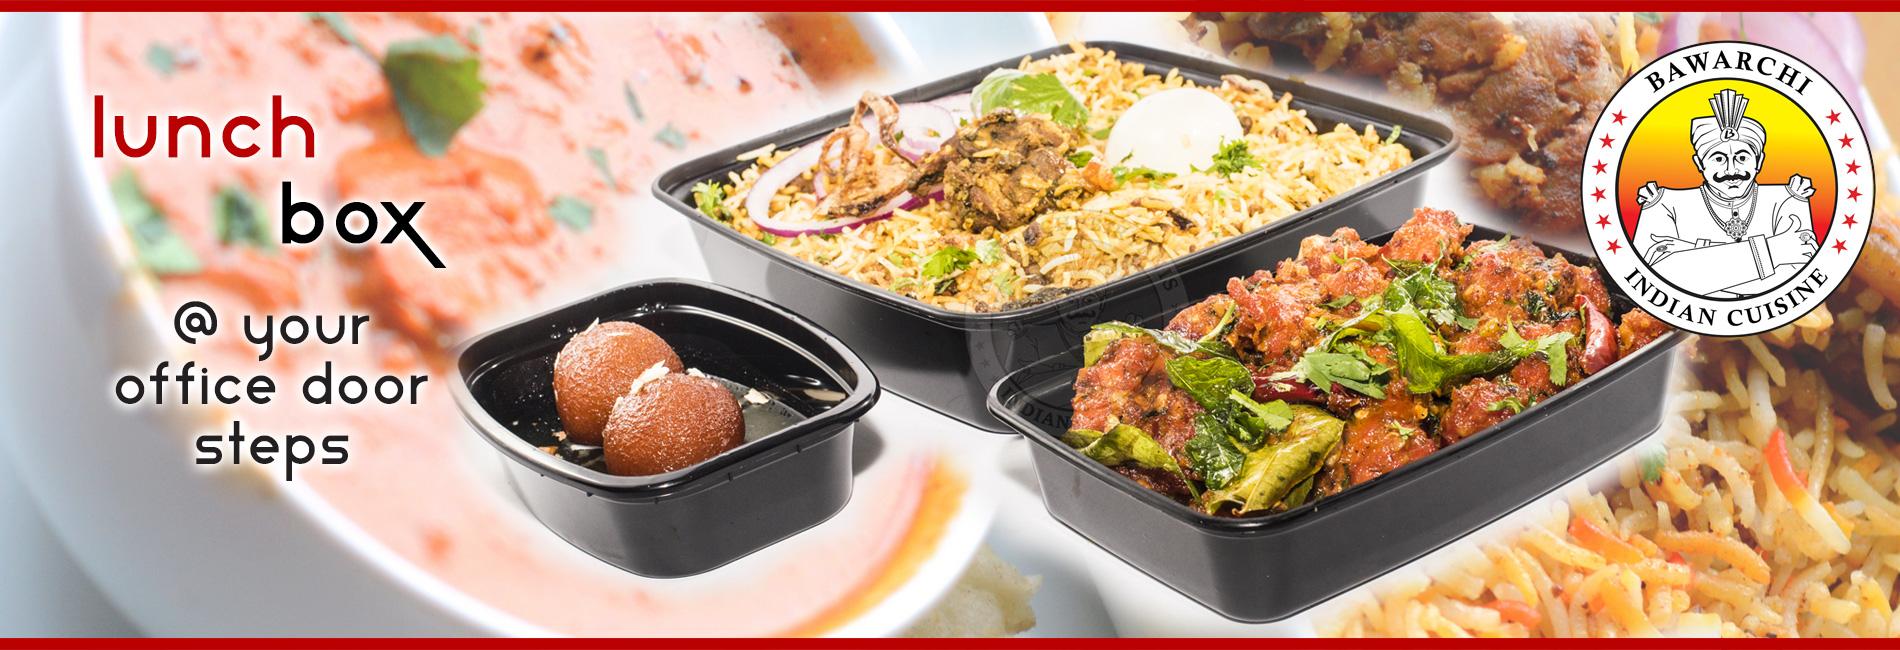 Bawarchi Biryanis Food